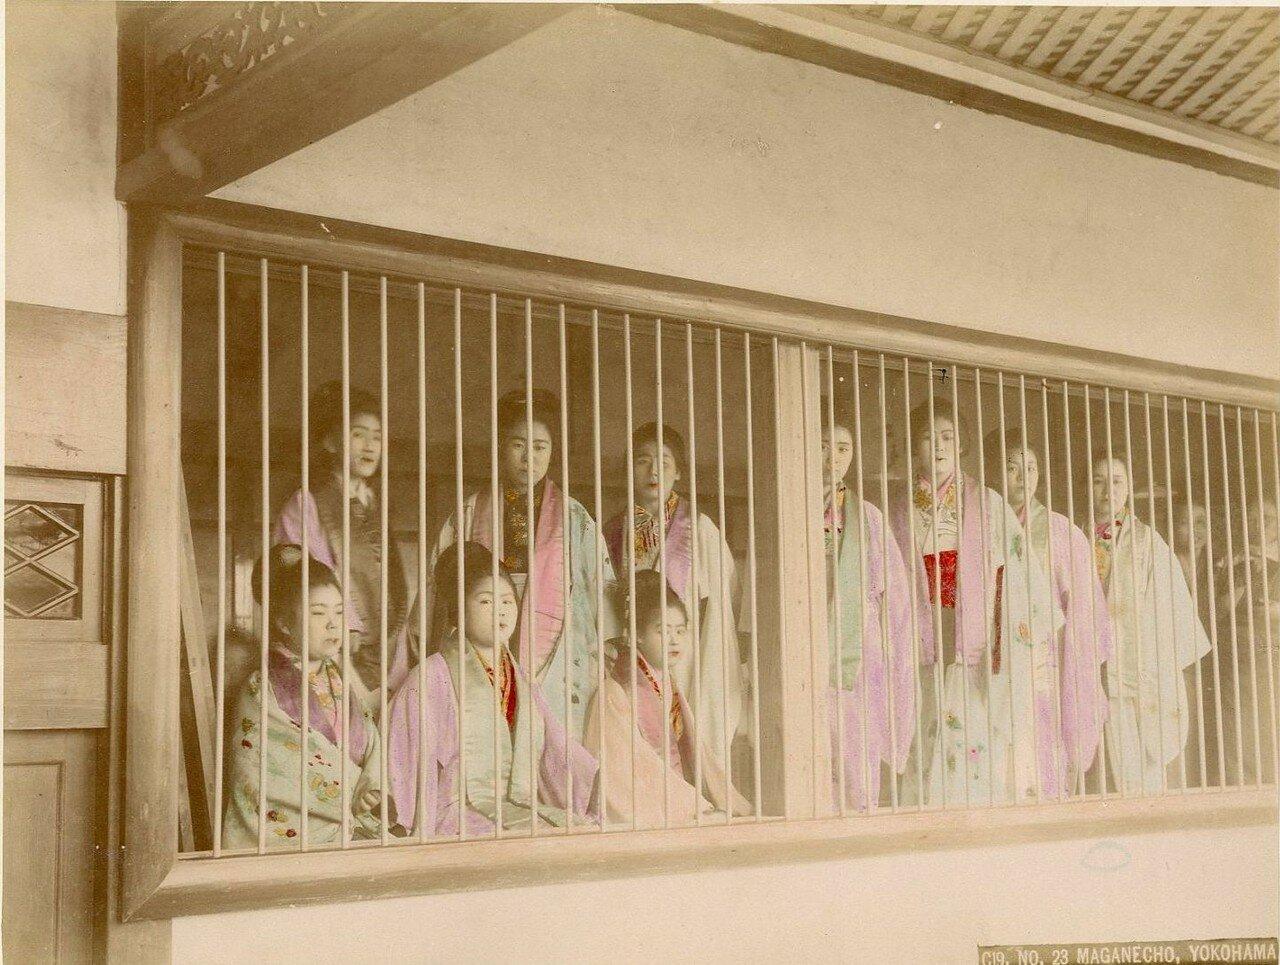 Иокогама. Проститутки района Магането